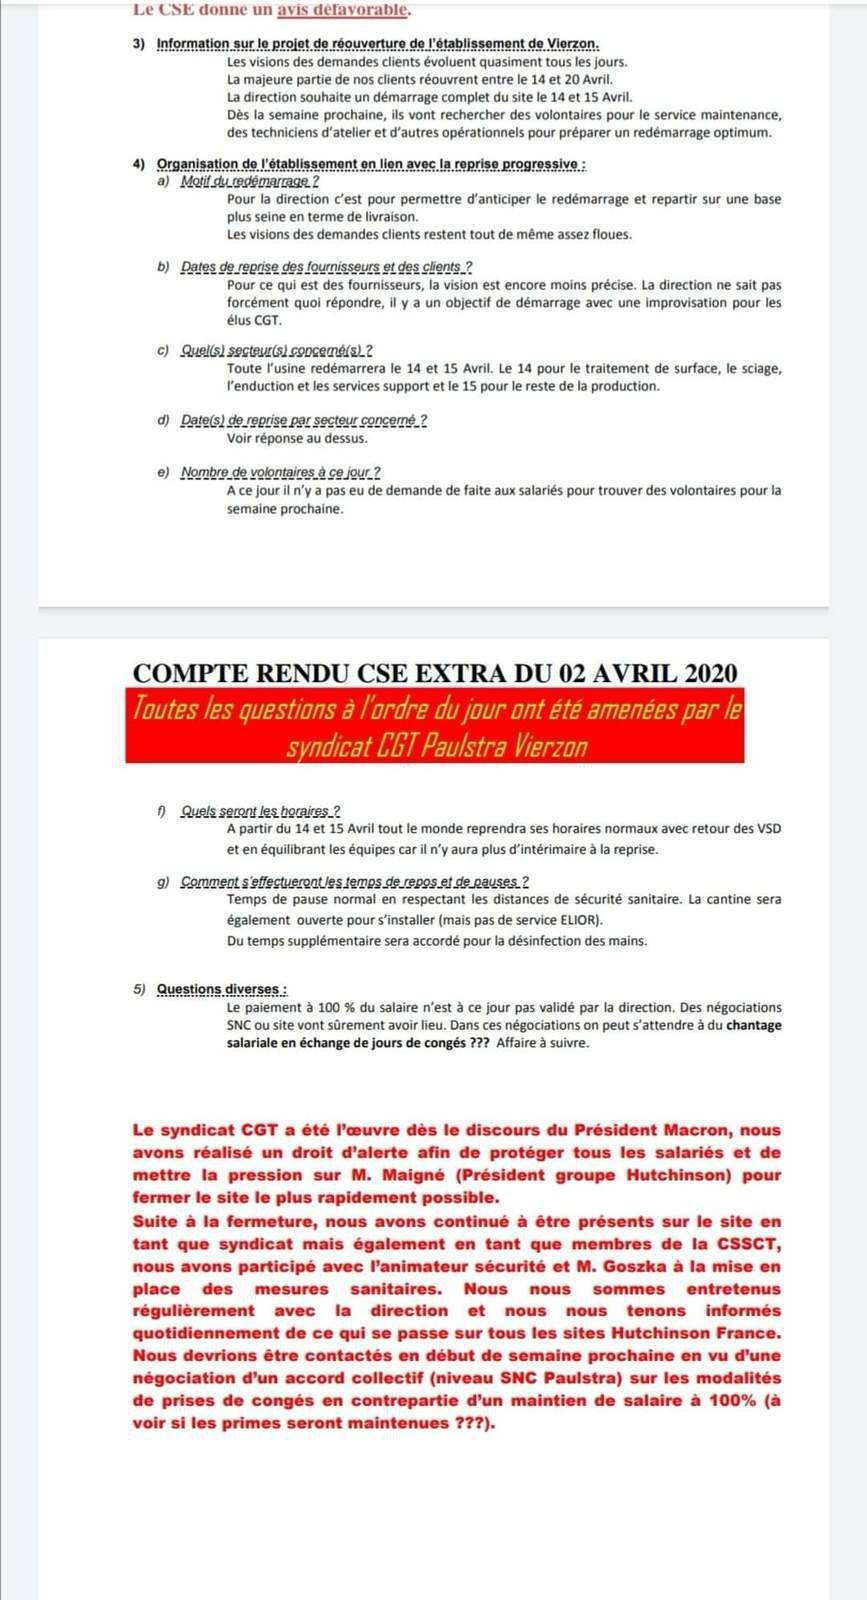 Covid-19 / redémarrage de l'usine Pausltra Vierzon : la direction passe outre l'avis défavorable du CSE, de la CSSCT et de la CGT.